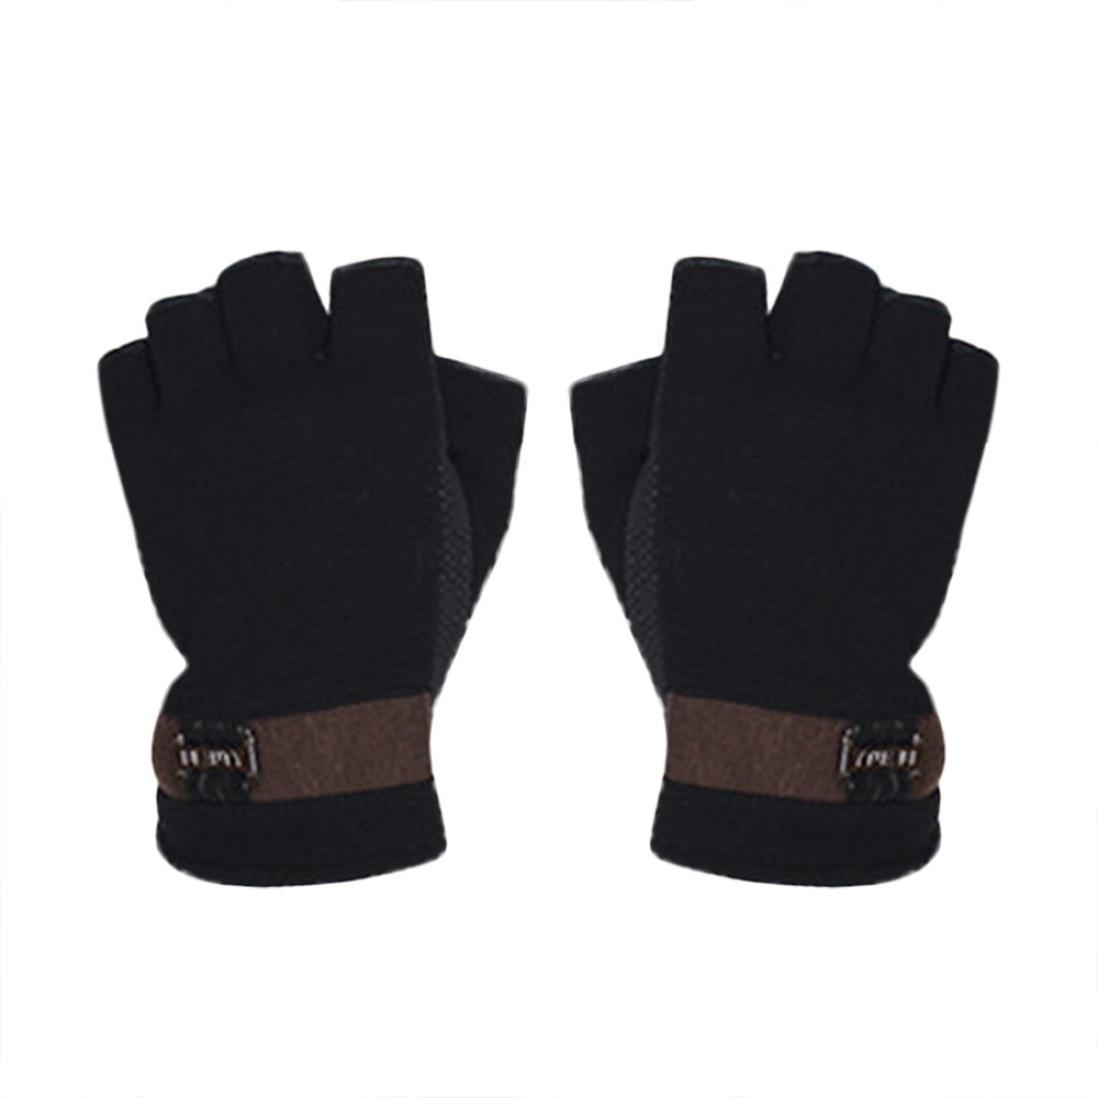 guantes sin dedos hombre, Sannysis Guantes deportivos Gimnasio Guantes medio dedo respirable del levantamiento de pesas con mancuernas fitness Gimnasio Hombres Ciclismo Invierno